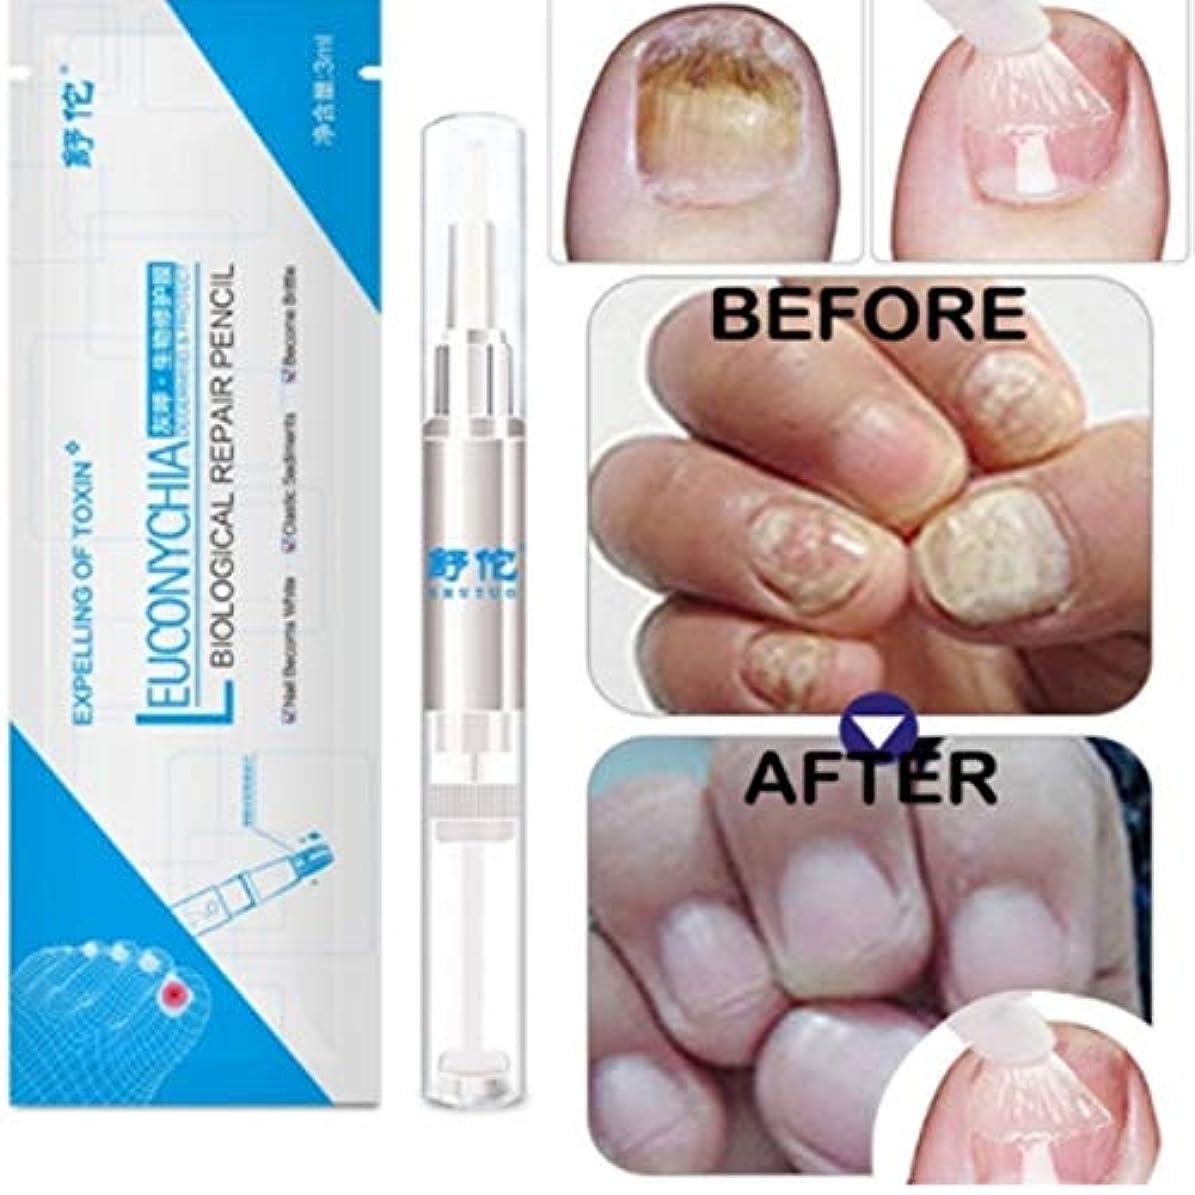 補償最初地味なKongqiabona 3ML真菌爪治療ペン爪真菌症爪垢抗真菌爪の感染中国のハーブトウネイル真菌の治療